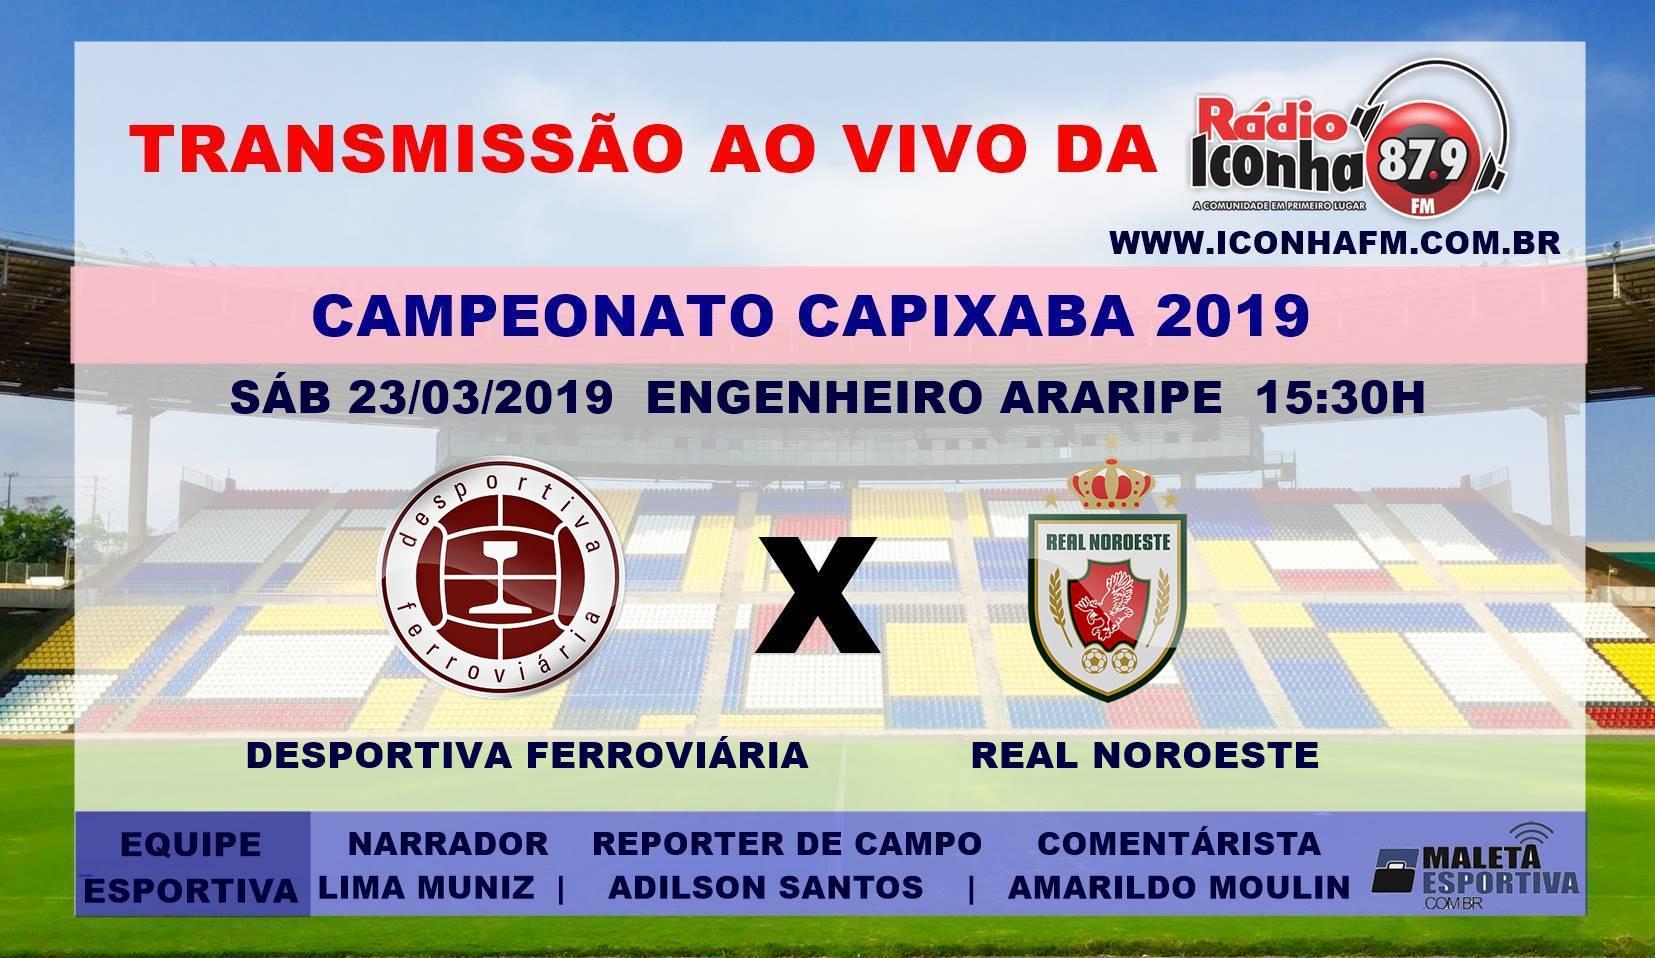 ATLETICO X TUPY - ES CAMPEONATO CAPIXABA 2019